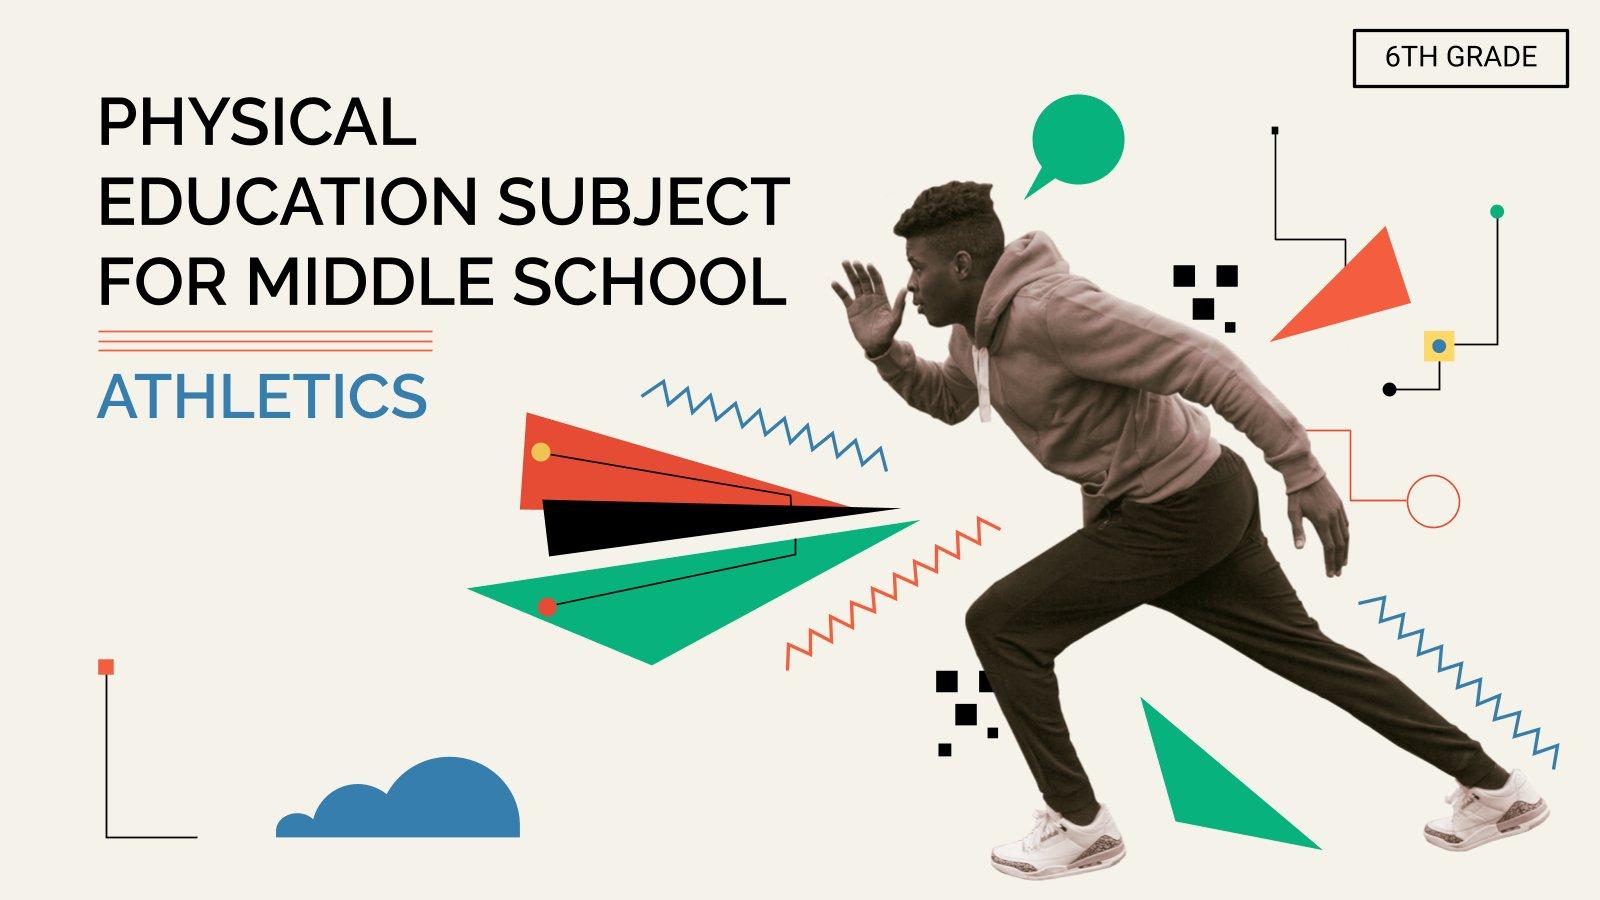 Plantilla de presentación Educación física para secundaria: Atletismo